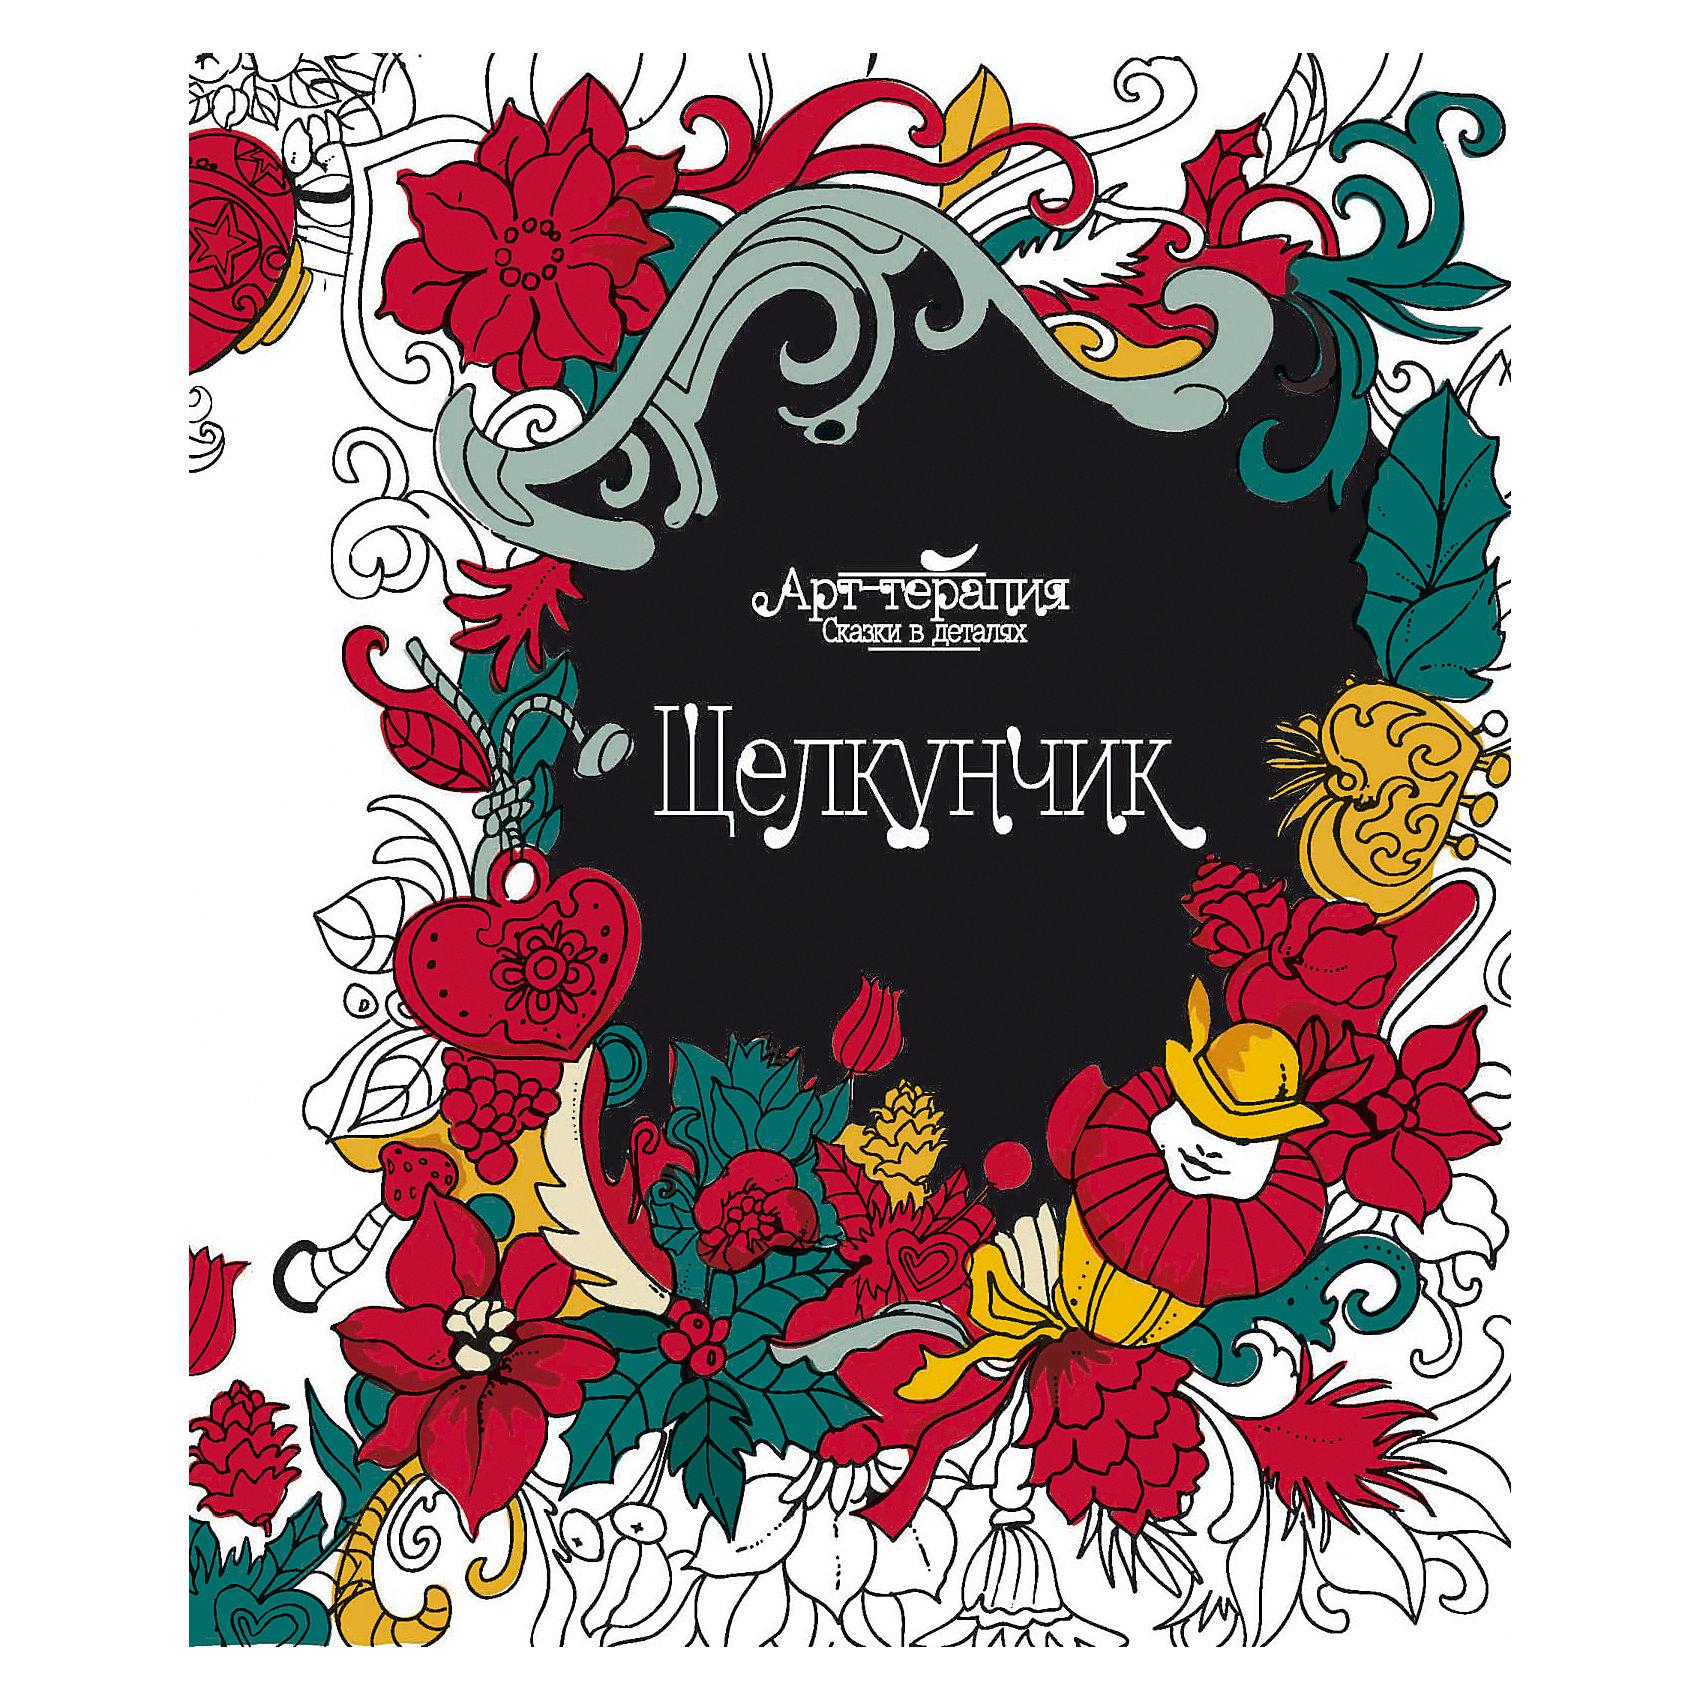 Книга ЩелкунчикКнига Щелкунчик<br><br>Характеристики: <br><br>• Кол-во страниц: 16<br>• ISBN: 9785222269473<br>• Возраст: от 6 лет<br>• Обложка: мягкая глянцевая<br>• Формат: а4<br><br>На страницах этой книги собрано множество иллюстраций для известной детской сказки, в раскрашивании которых ваш ребенок может поучаствовать самолично. Каждая иллюстрация обладает высокой степенью проработки и детализации, а потому данная раскраска будет интересна не только для детей, но и для взрослых! <br><br>Книга Щелкунчик можно купить в нашем интернет-магазине.<br><br>Ширина мм: 259<br>Глубина мм: 200<br>Высота мм: 20<br>Вес г: 64<br>Возраст от месяцев: -2147483648<br>Возраст до месяцев: 2147483647<br>Пол: Унисекс<br>Возраст: Детский<br>SKU: 5464585